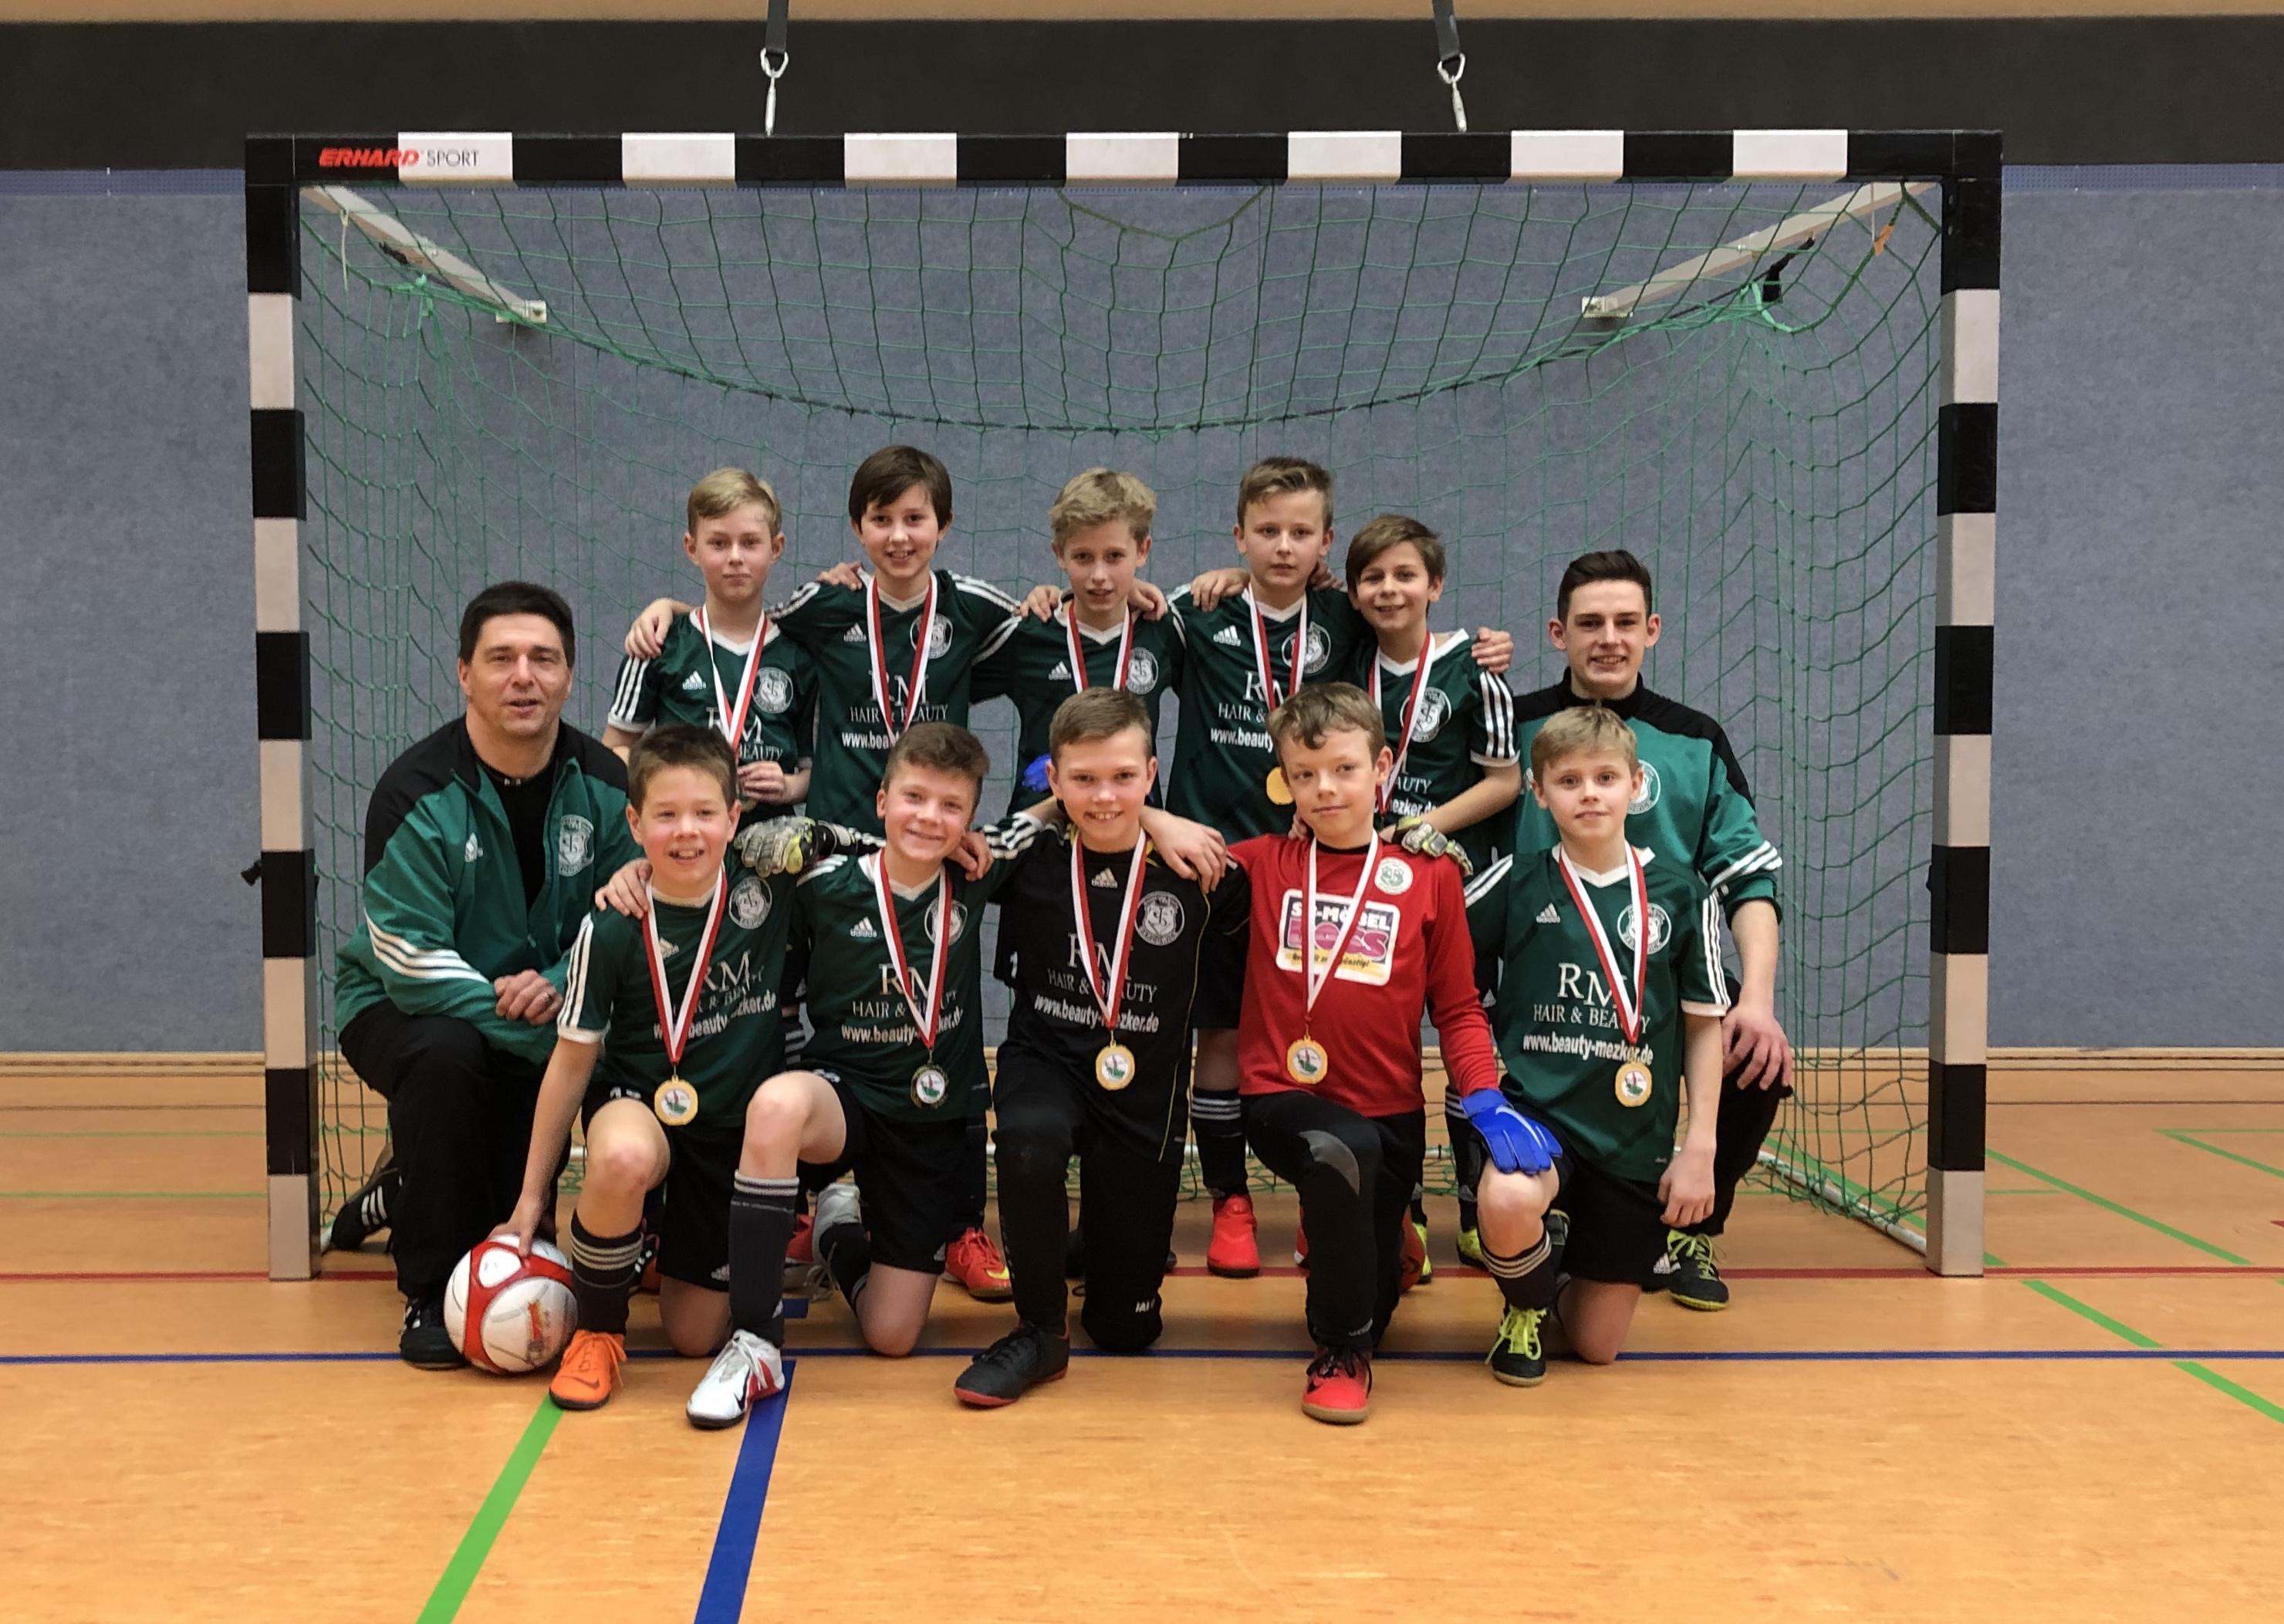 U11-Junioren des TSV Bardowick werden Hallen-Bezirksmeister